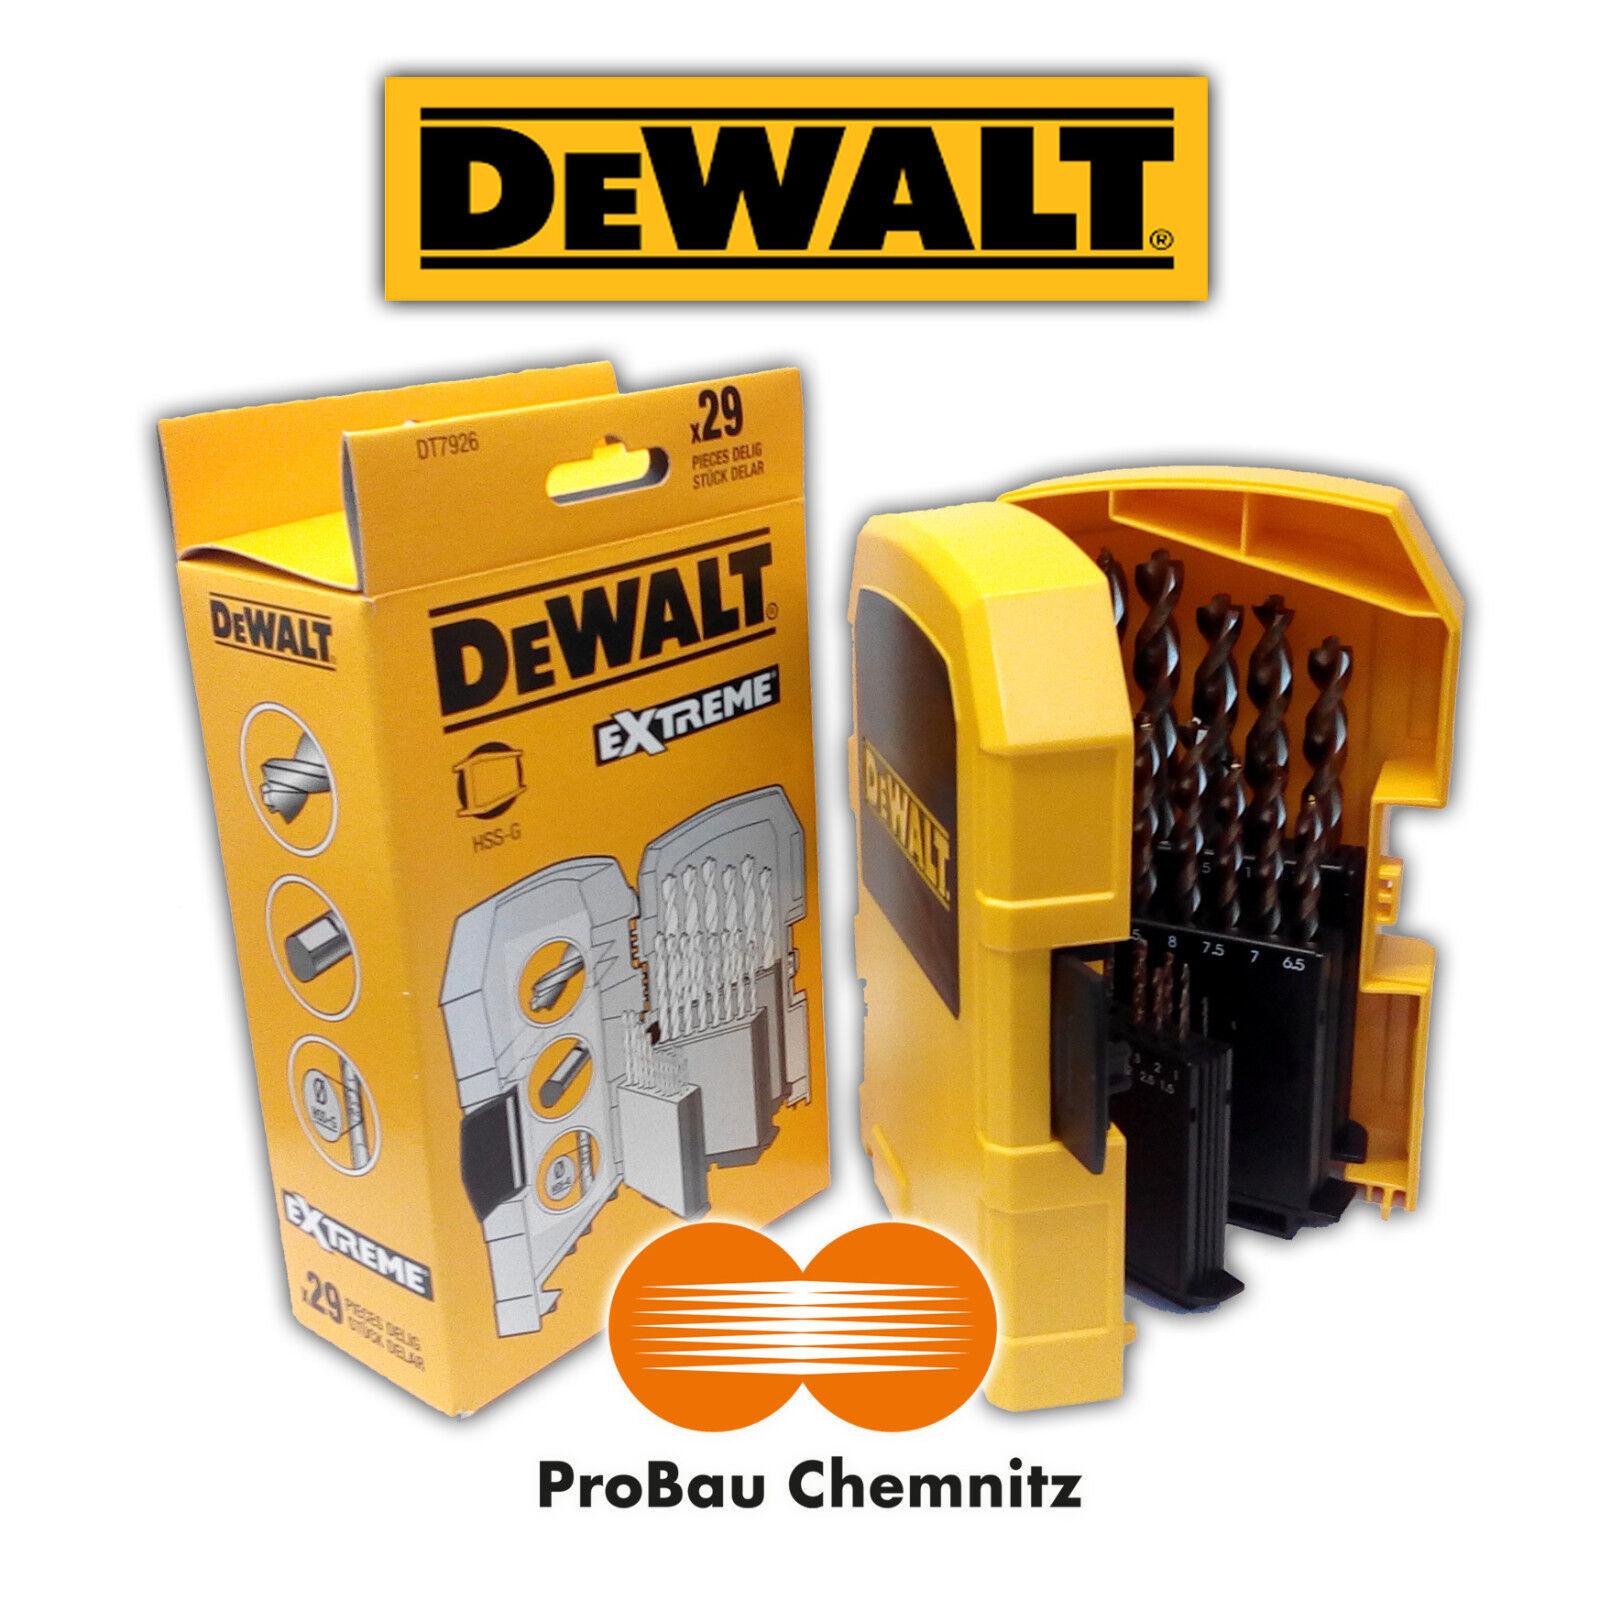 DeWALT HSS-G Metallbohrer Kassette EXTREME 2, 29-tlg. Ø 1 - 13mm, DT7926 DT 7926